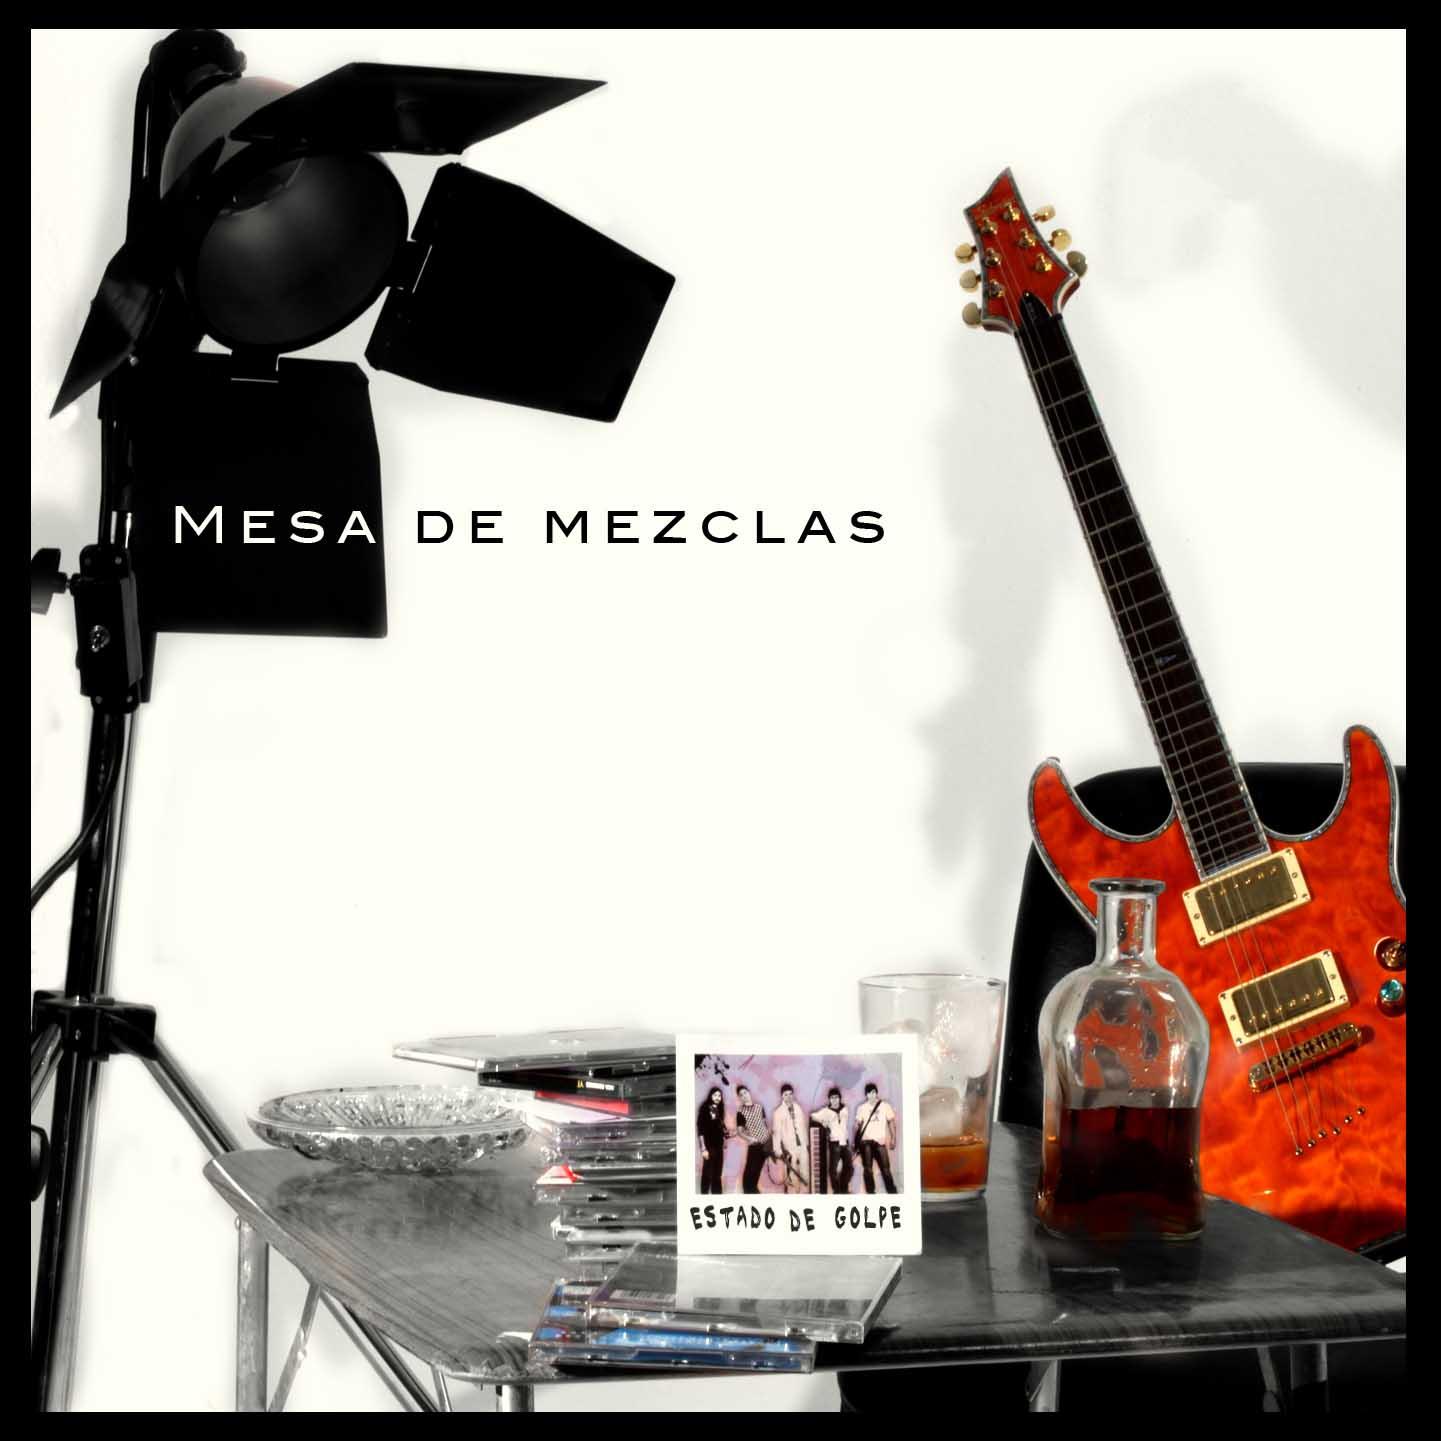 Dimension pop estado de golpe mesa de mezclas 2010 for Programa mesa de mezclas